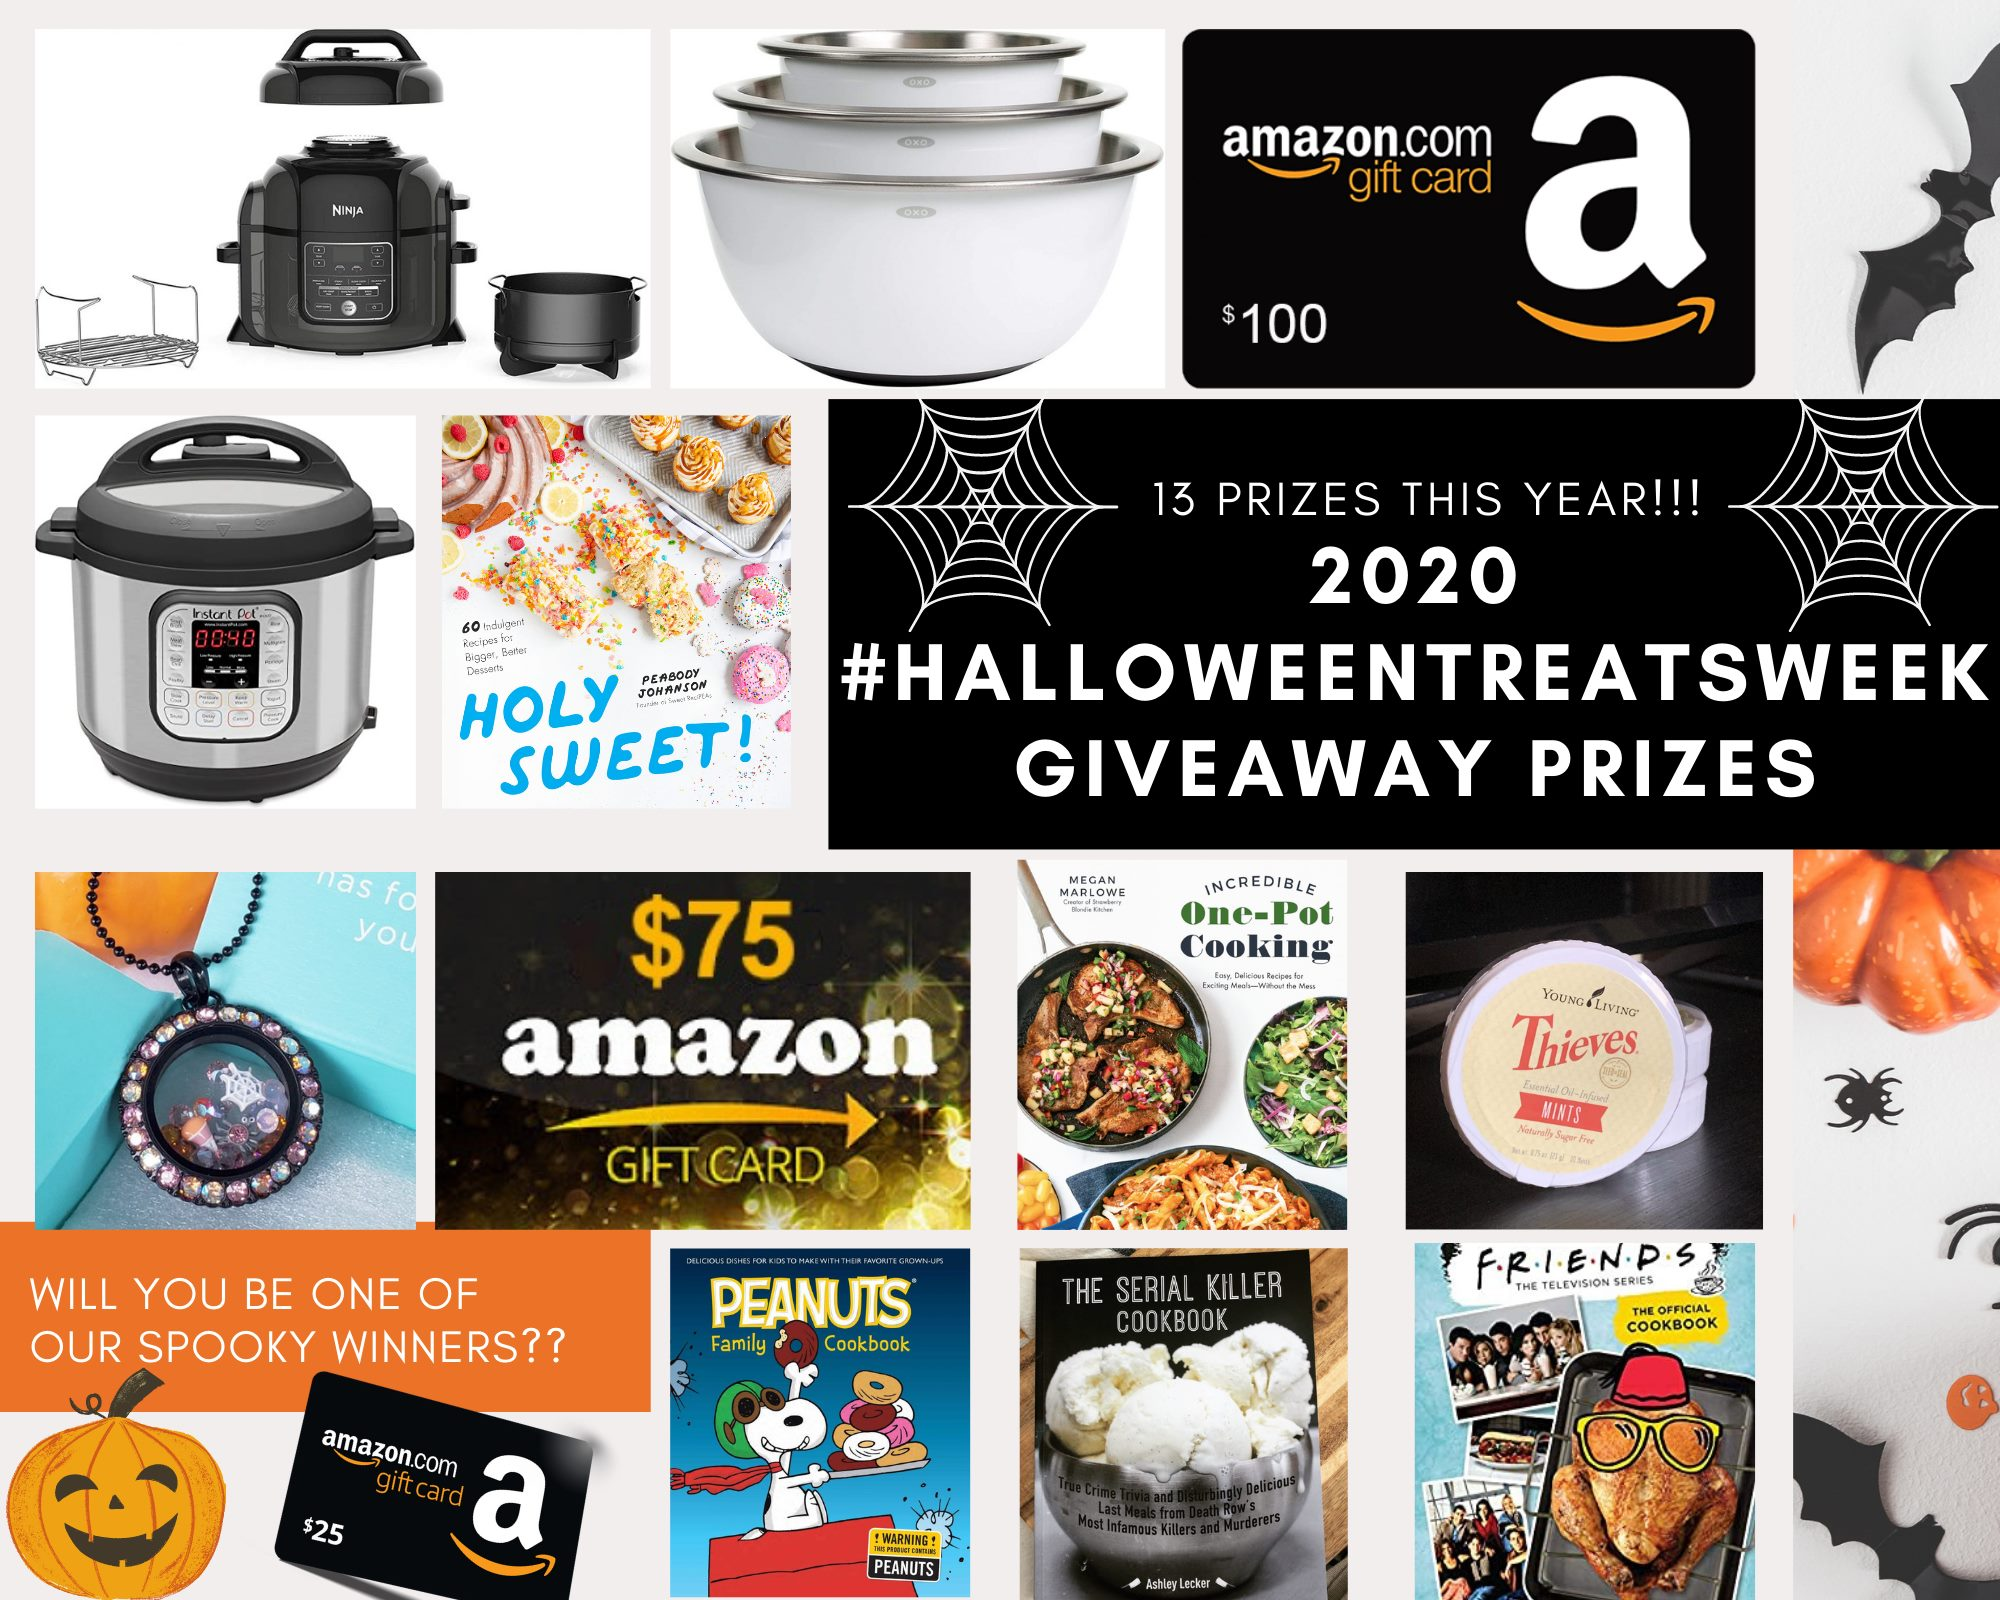 Halloween Treats Week Giveaway